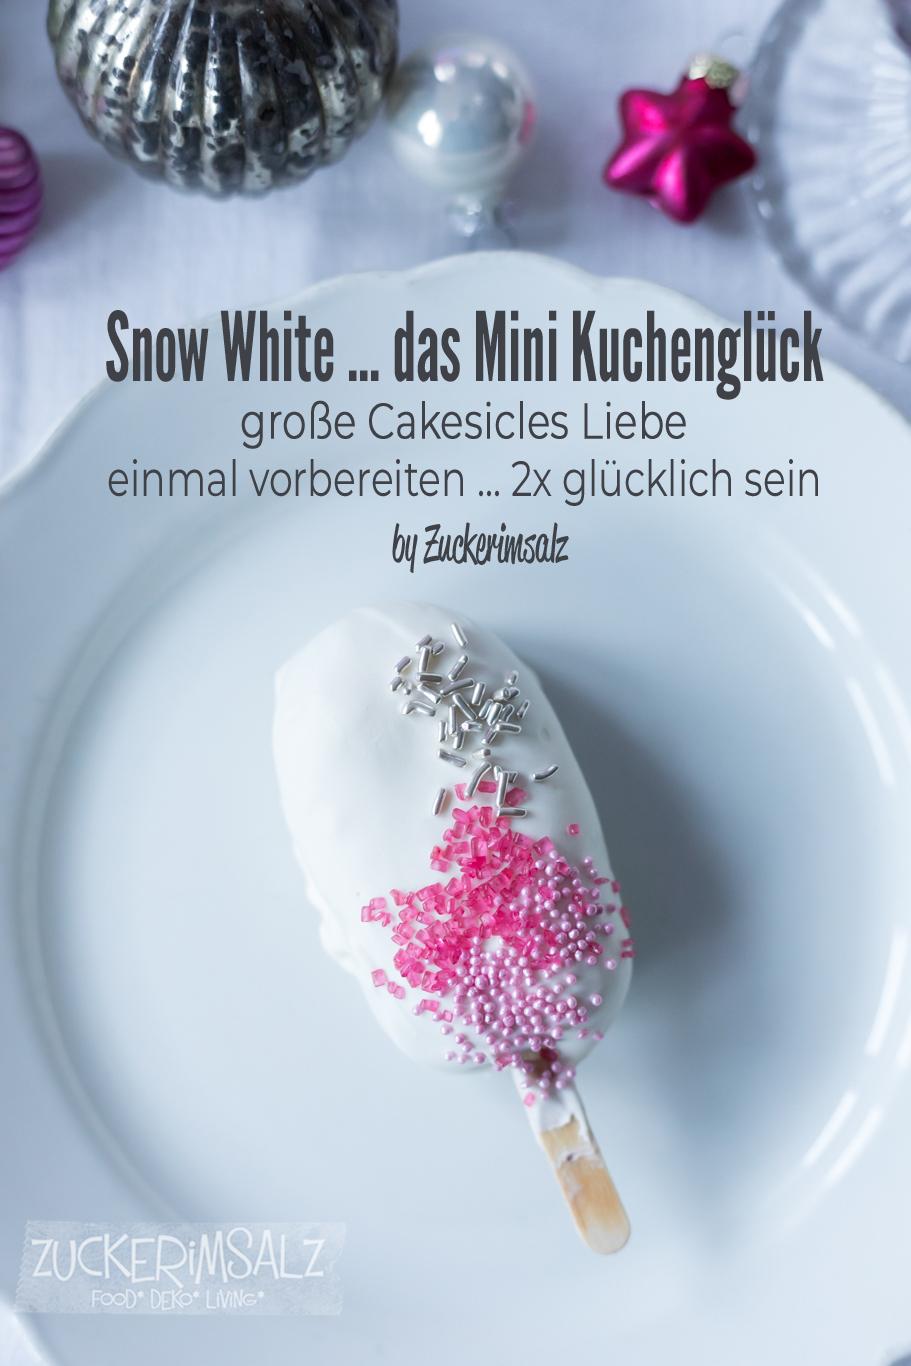 Snow White … das Mini Kuchenglück … große Cakesicles Liebe